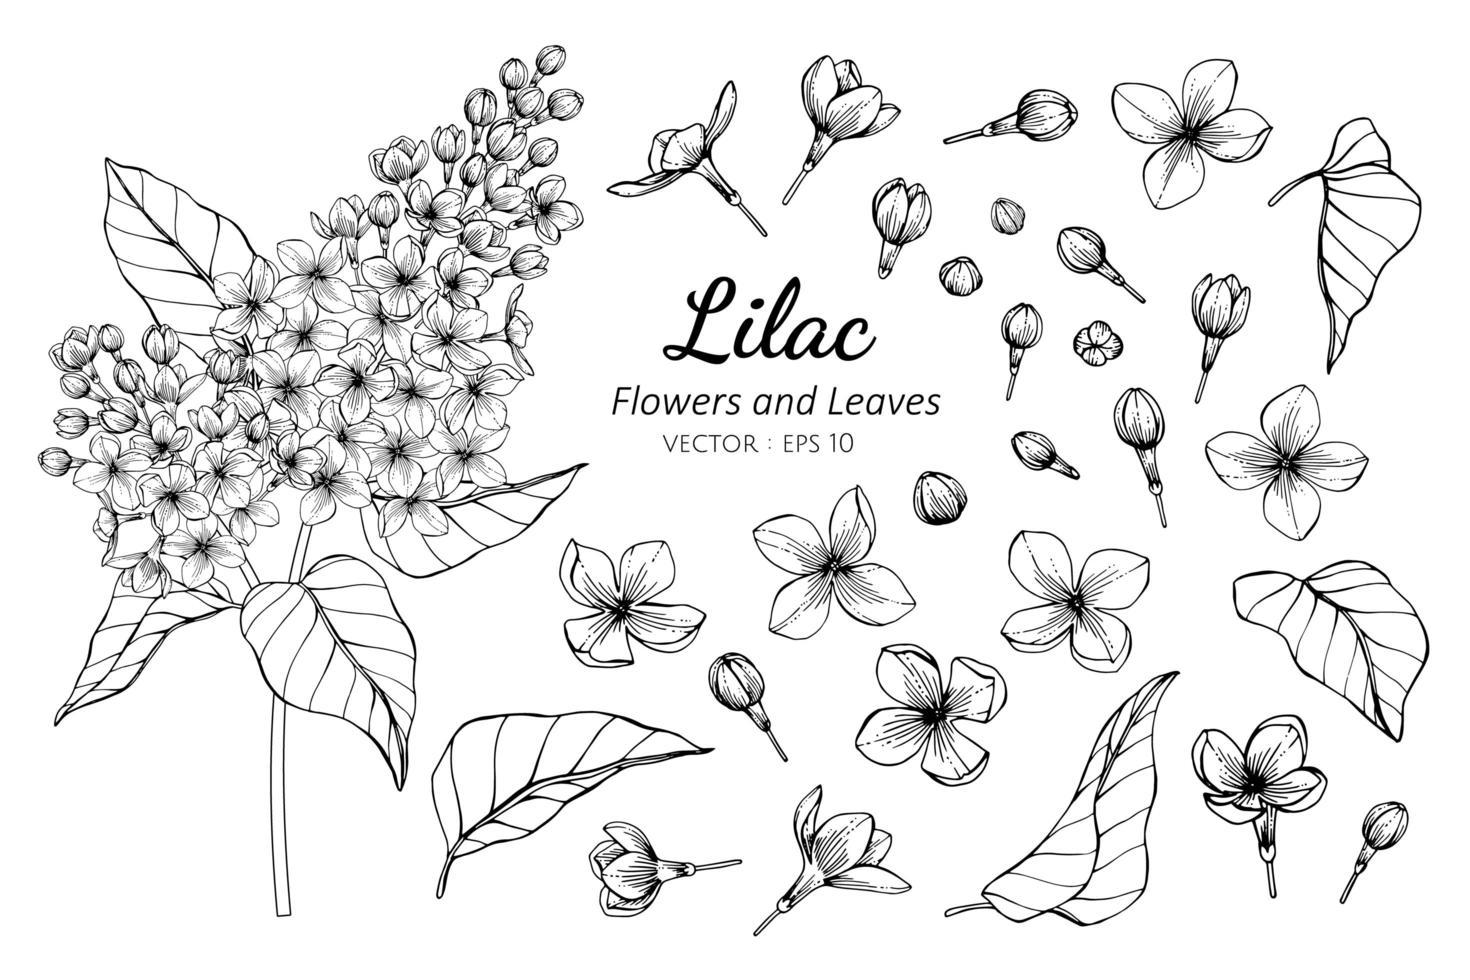 raccolta di fiori e foglie lilla vettore